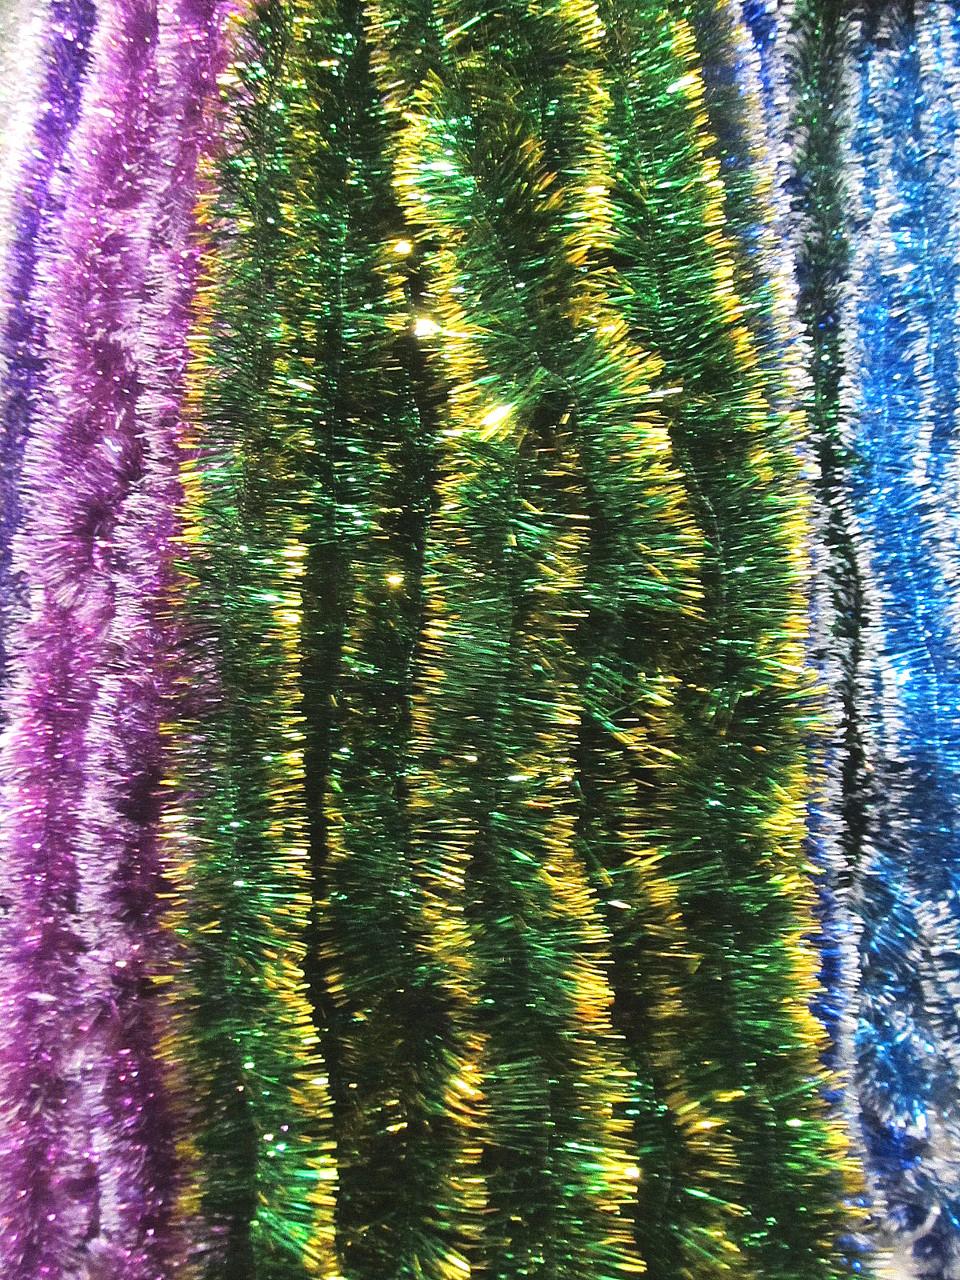 5 см диаметр Мишура дождик Зеленый с золотыми кончиками, Длина 3 метра